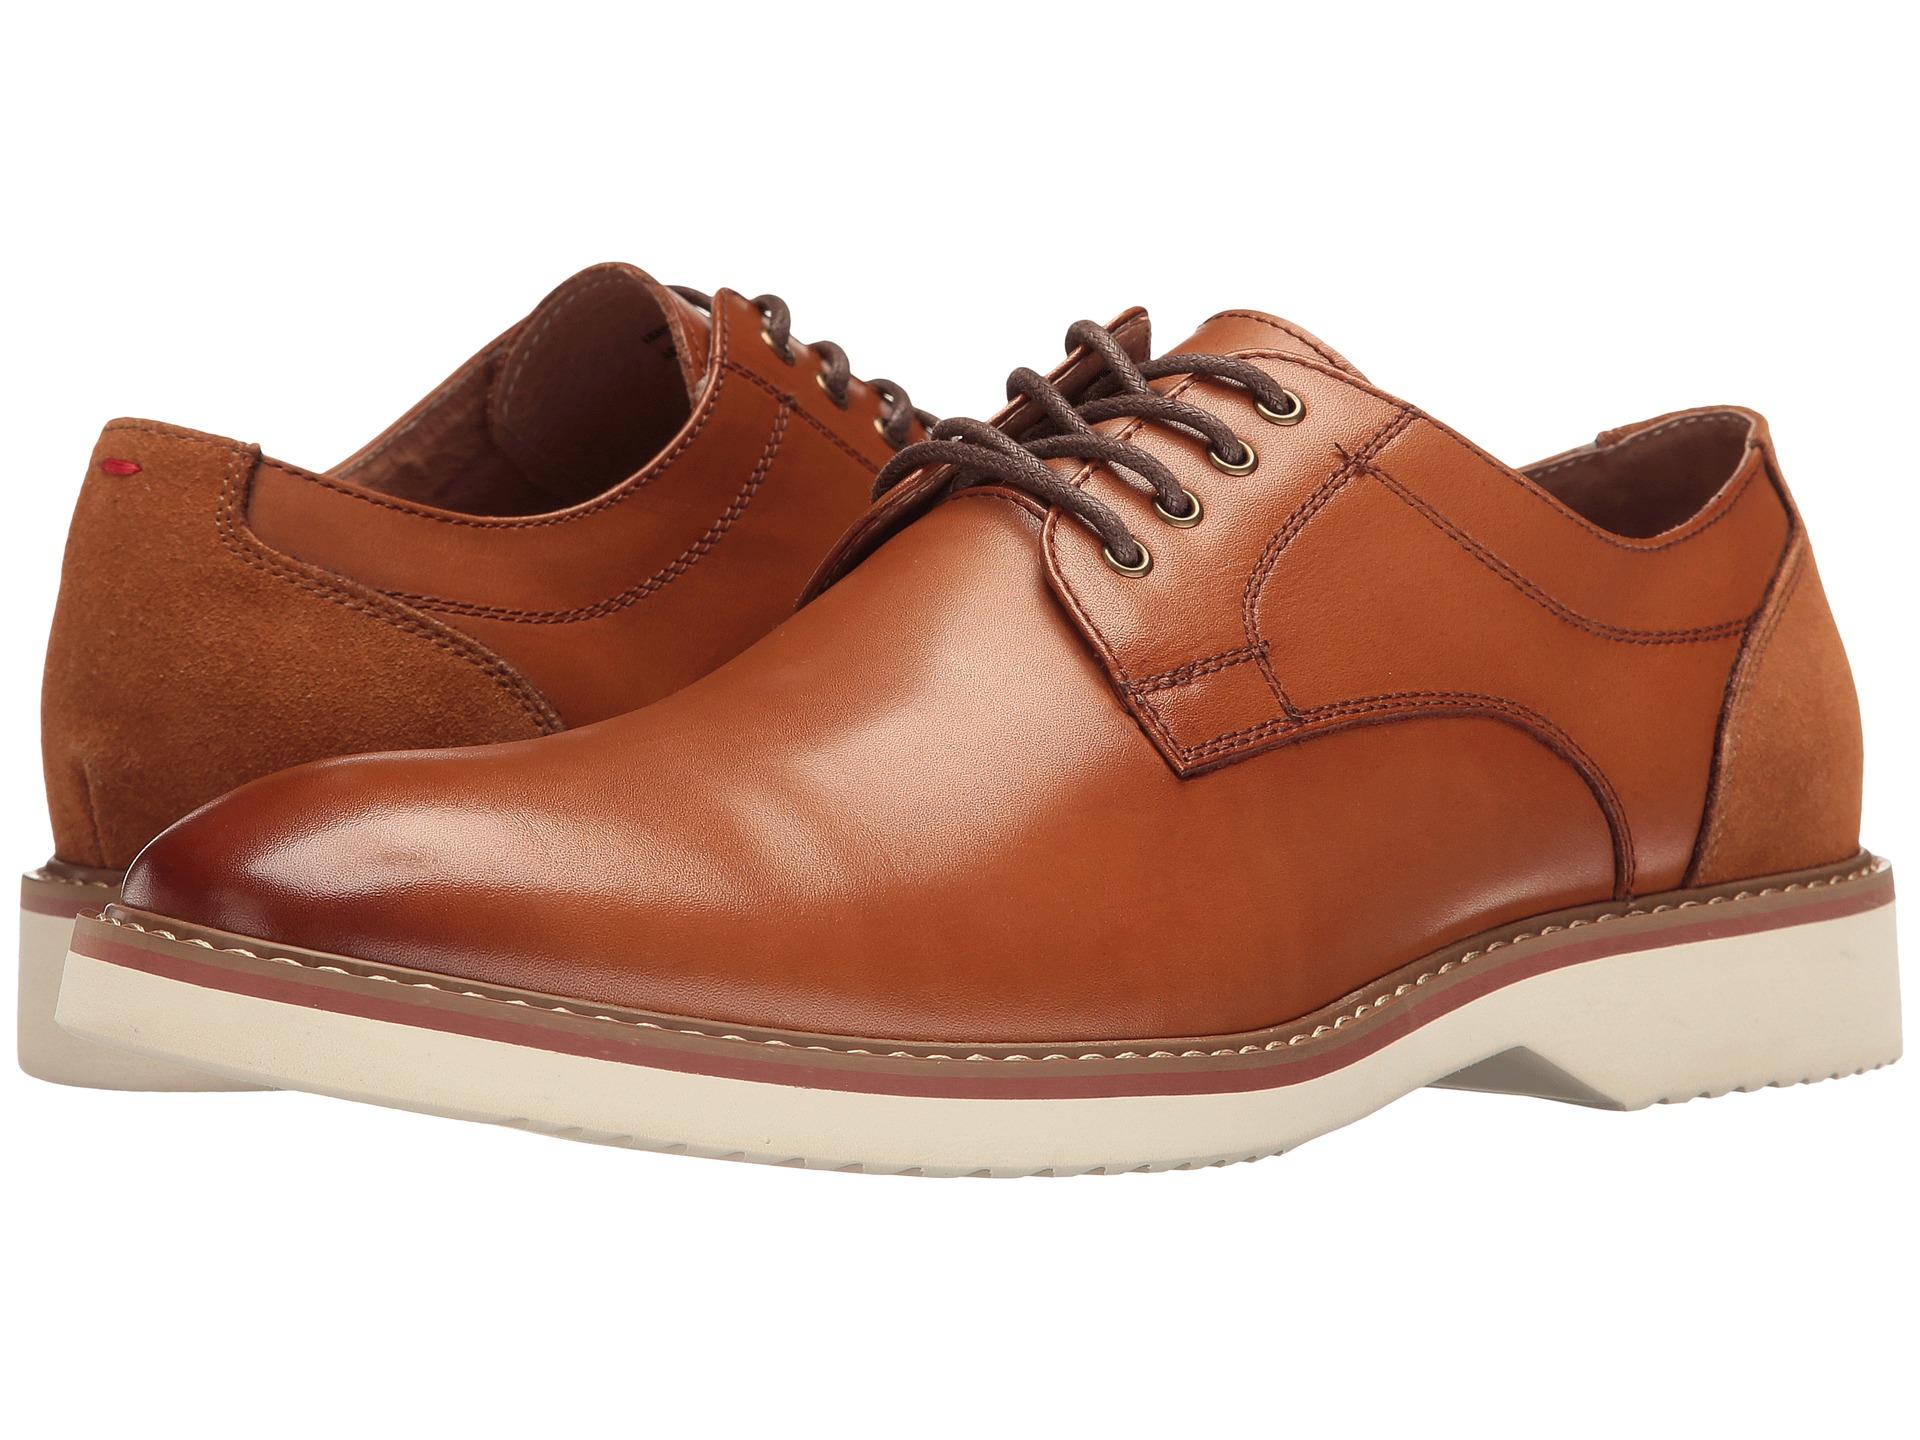 57d1efa8644 Details about Florsheim Men's Union Plain Oxford Full-grain leather Cognac  Shoes 15125-221